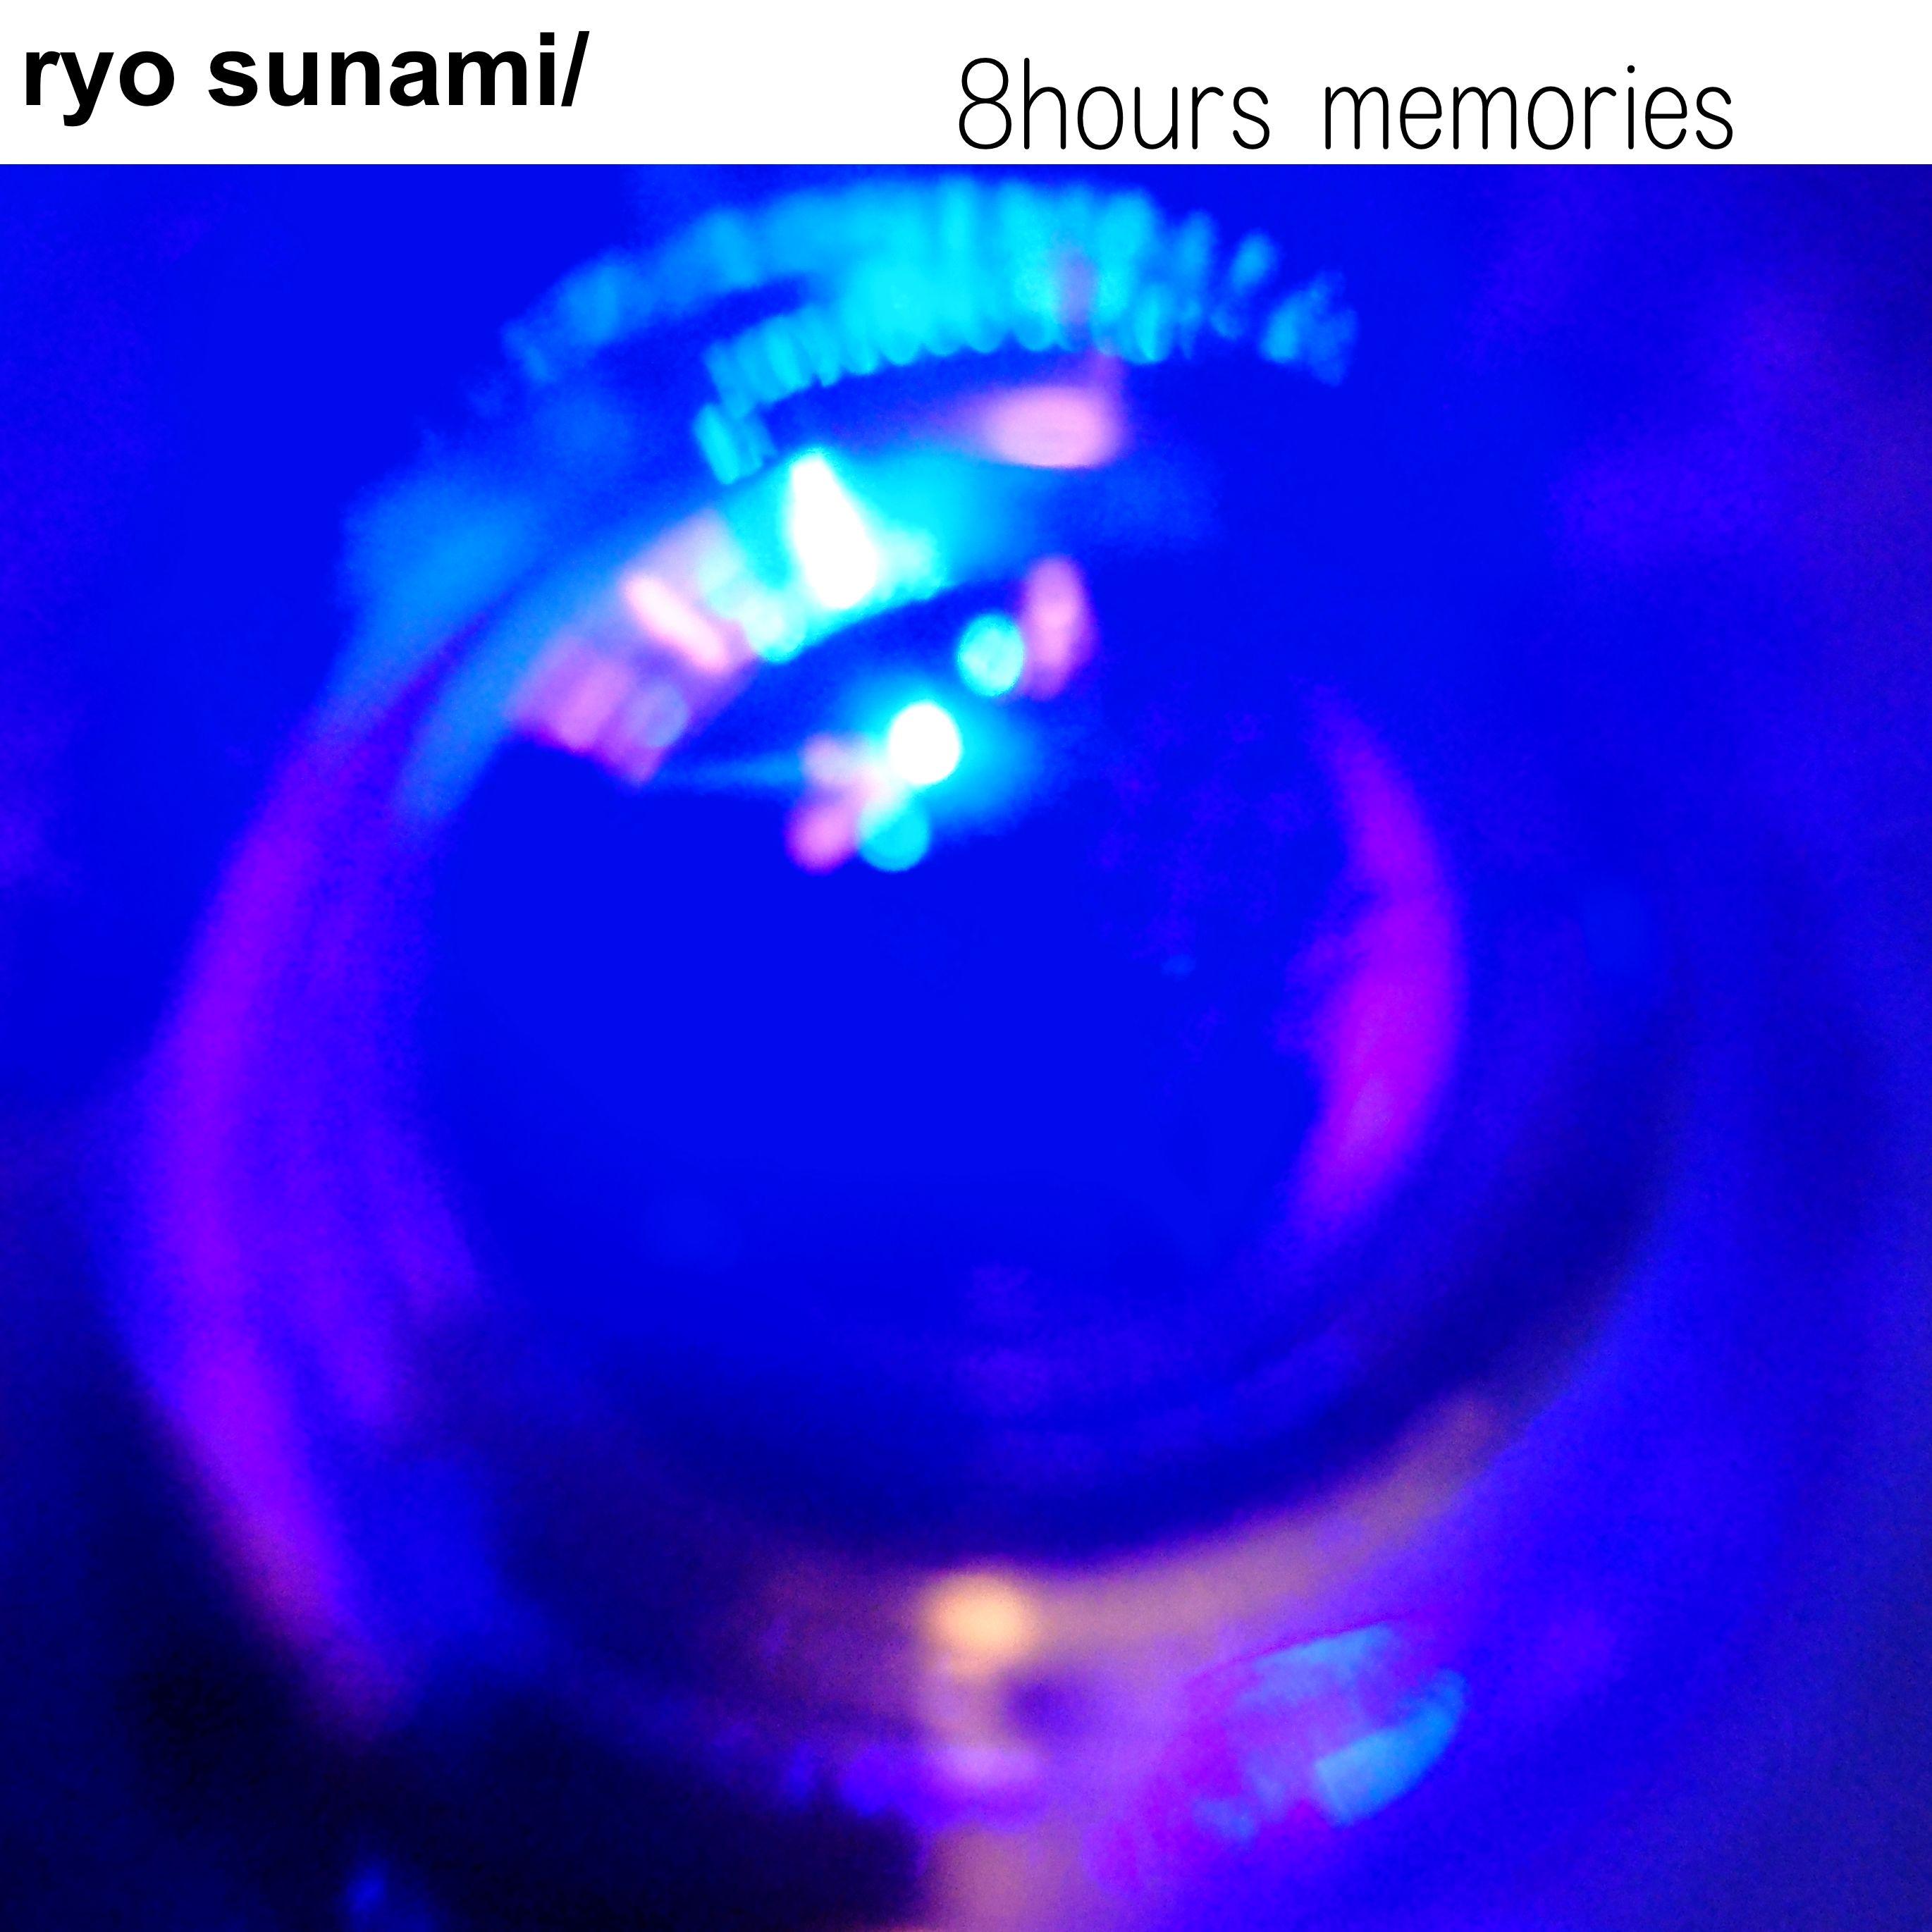 8hours memories